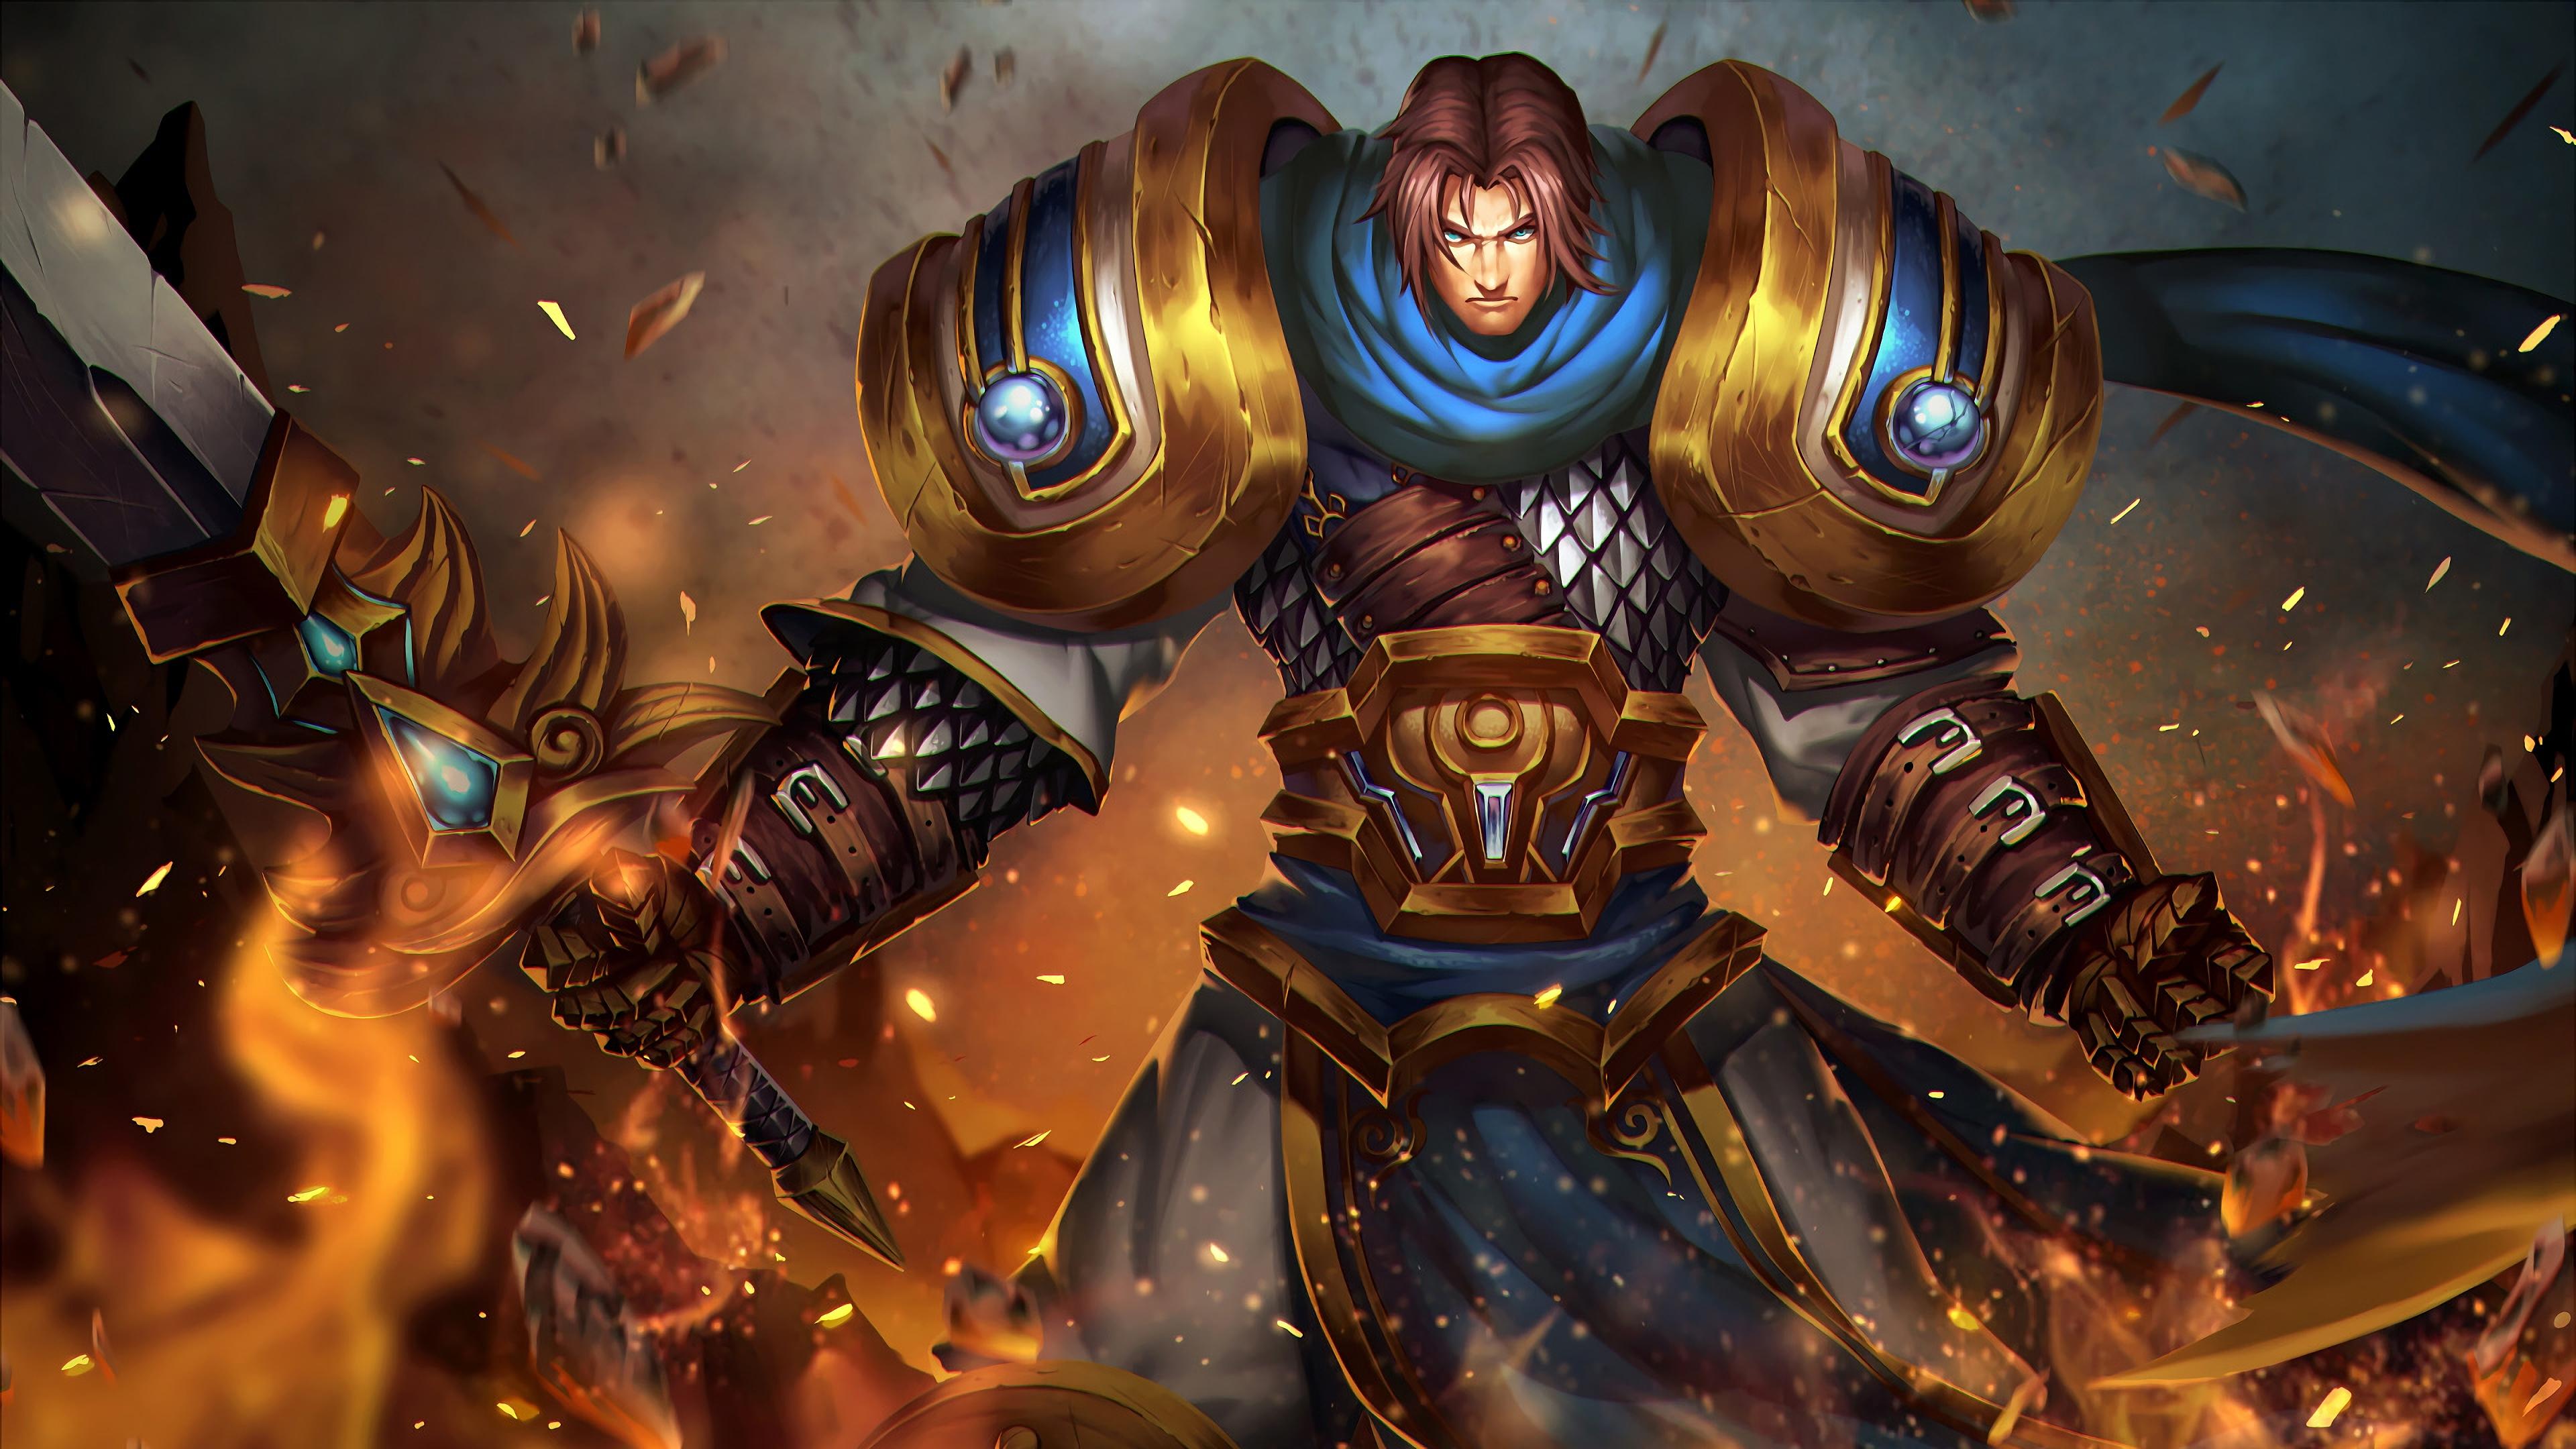 garen lol league of legends lol 1574103652 - Garen LoL League of Legends lol - league of legends, Garen